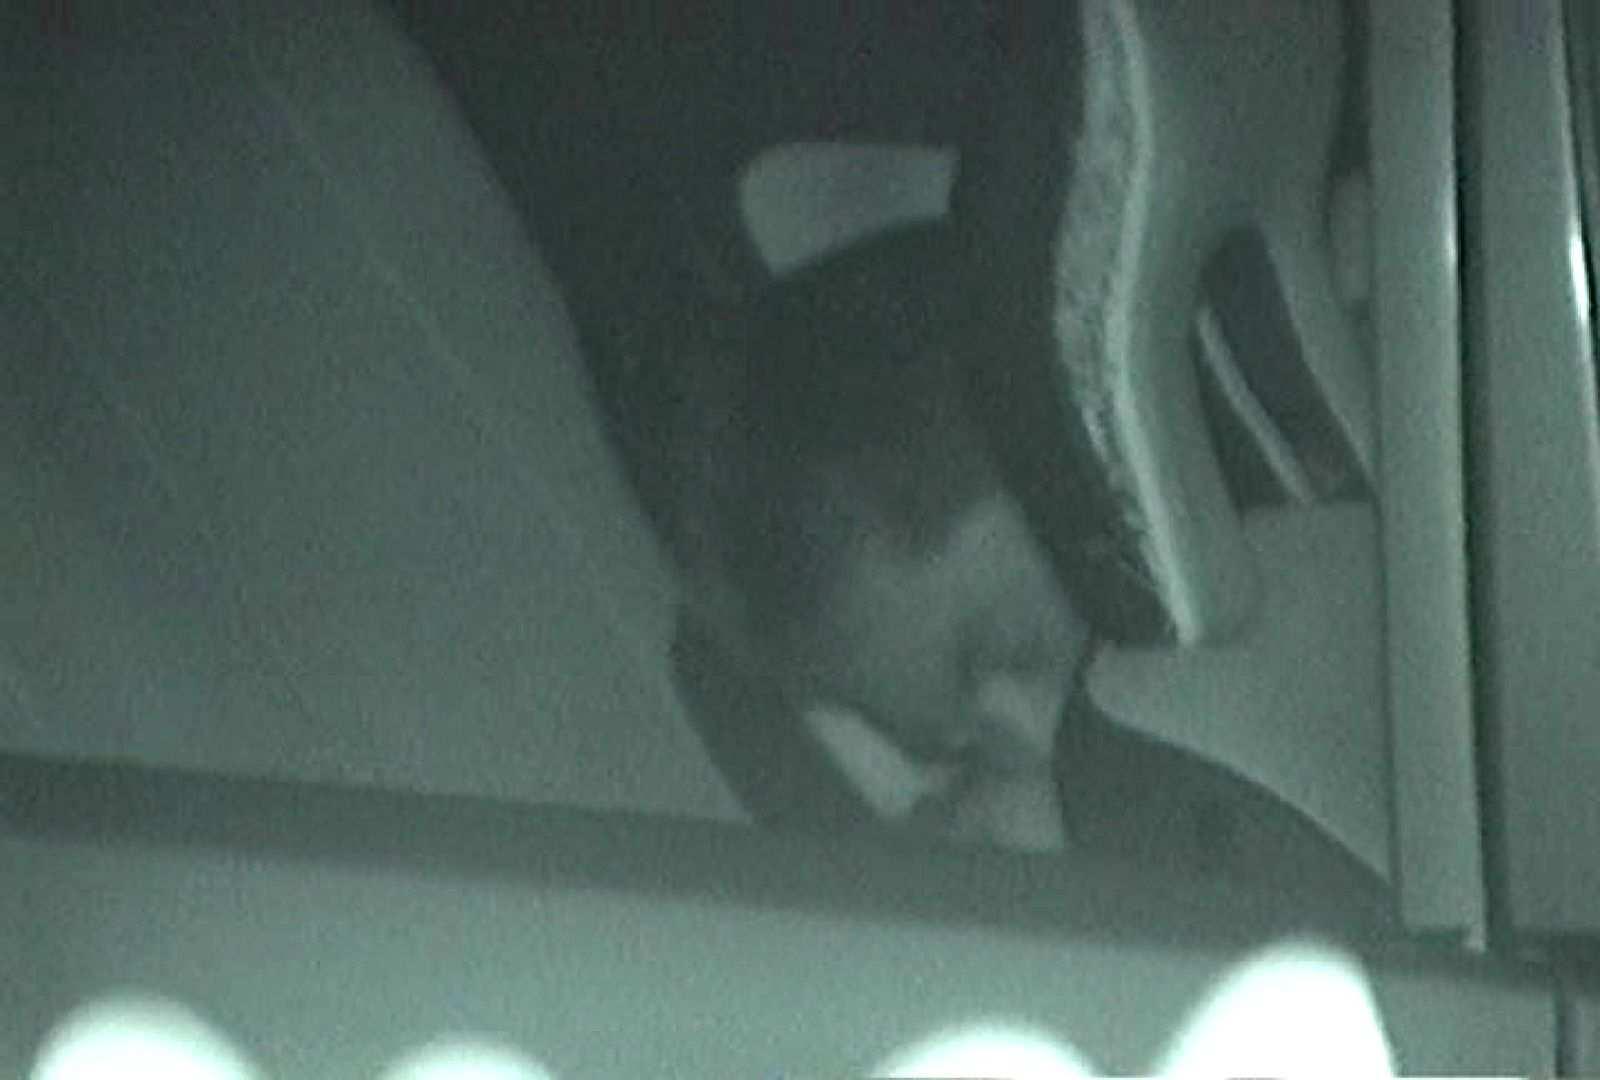 充血監督の深夜の運動会Vol.71 ラブホテル オマンコ無修正動画無料 106pic 87